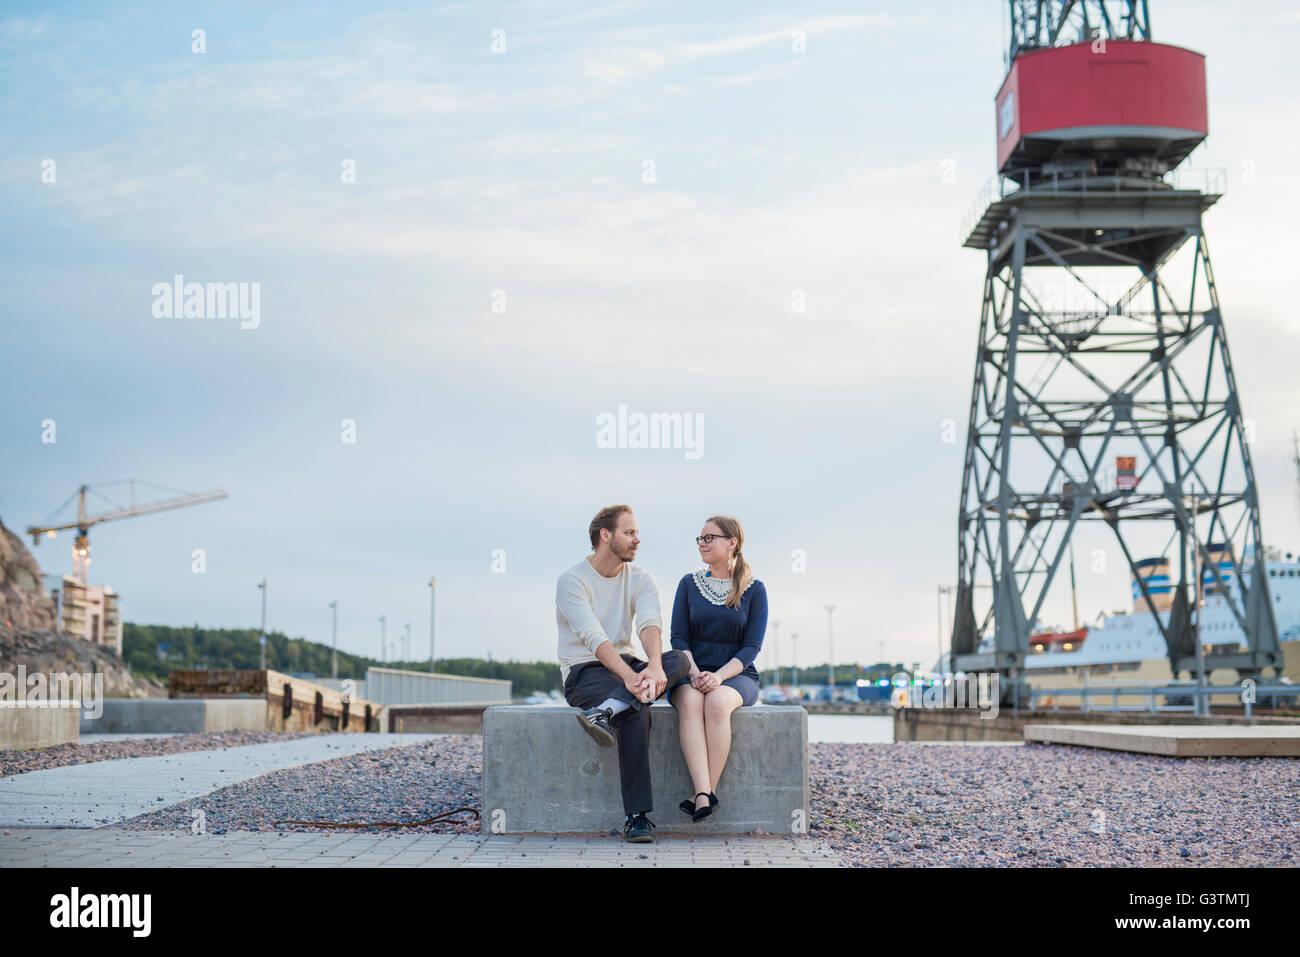 Finlandia, Turku Varsinais-Suomi, pareja sentada en bloque y hablando al sitio en construcción Imagen De Stock